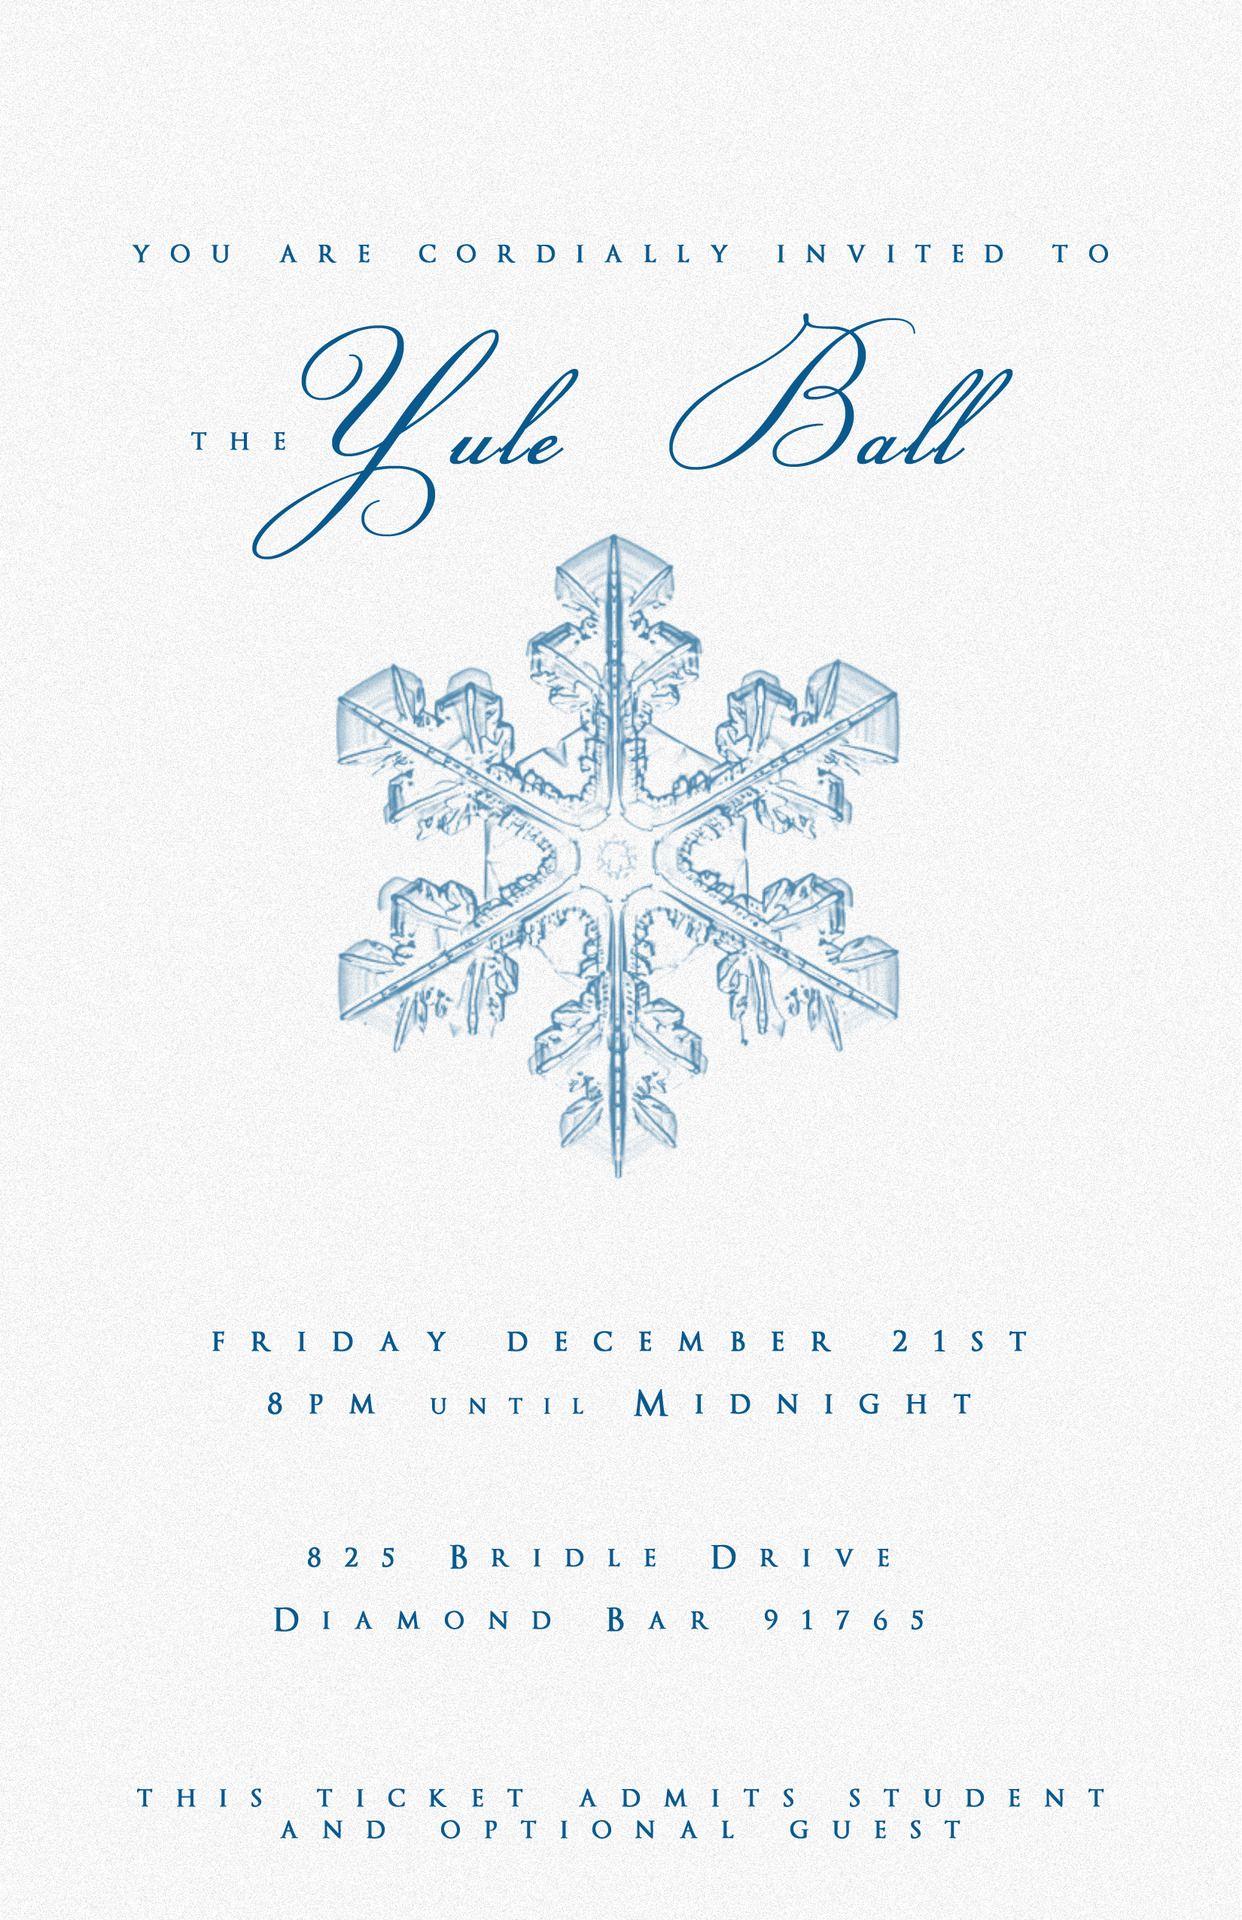 yule ball party invitation template lumos nox accio always in